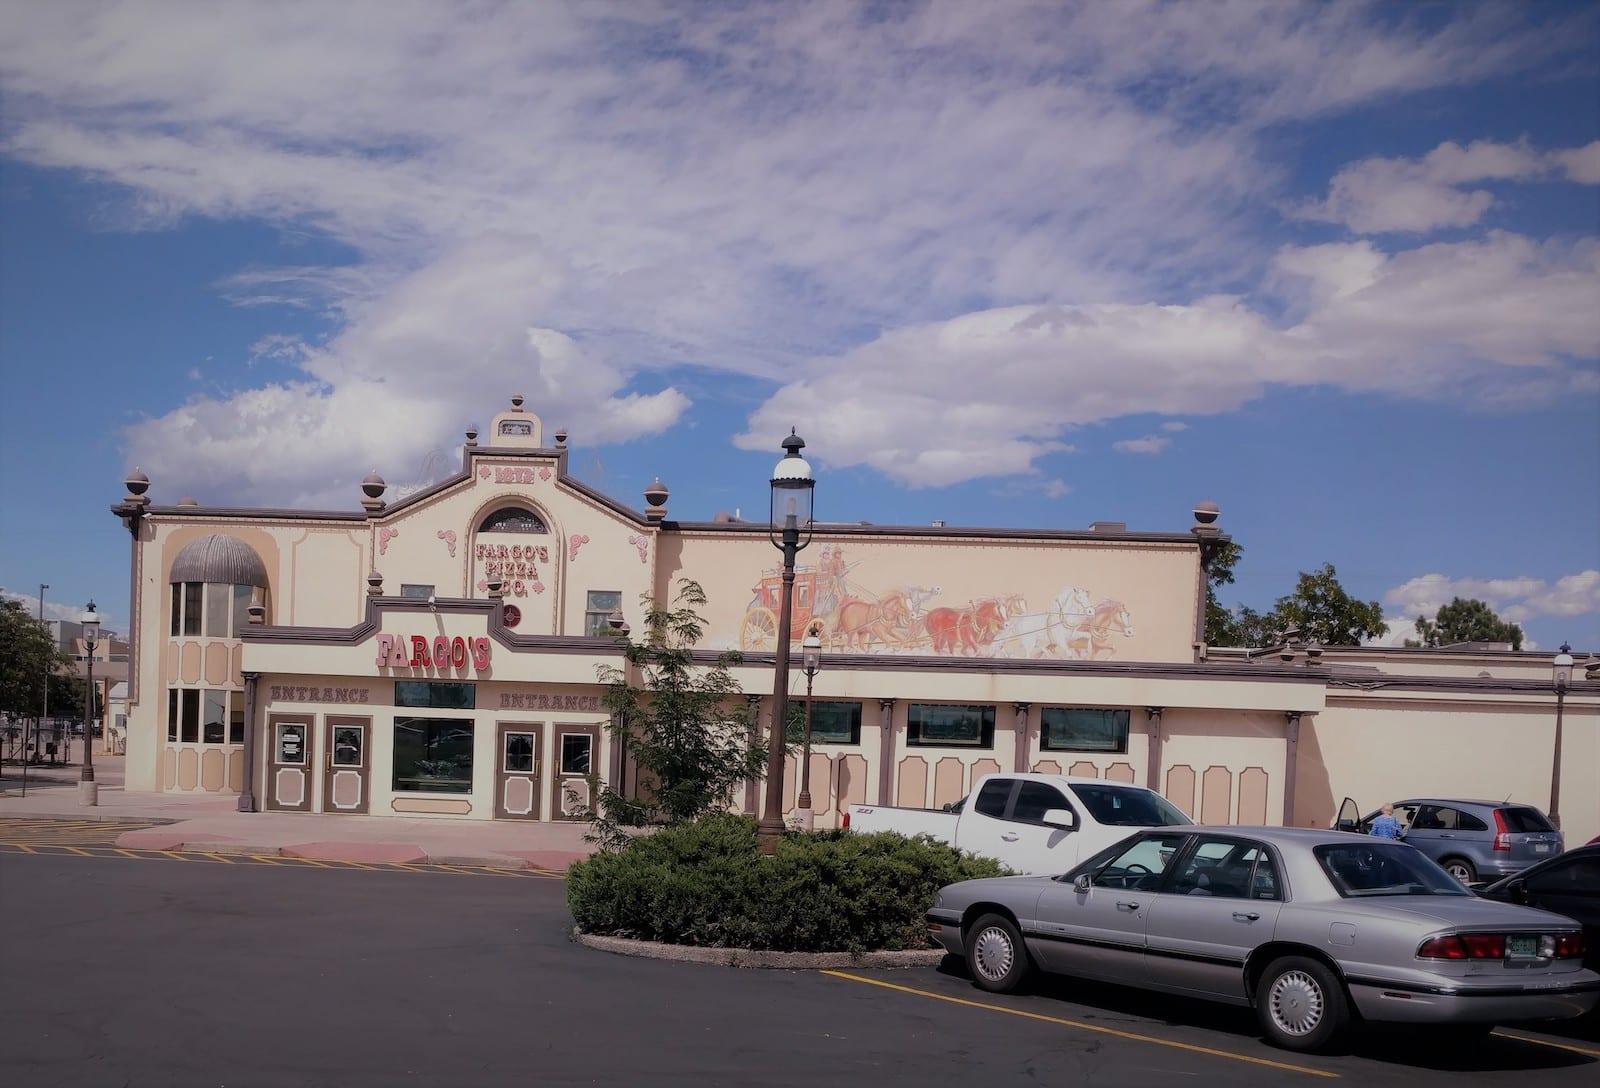 Fargo's Colorado Springs Tourist Attractions